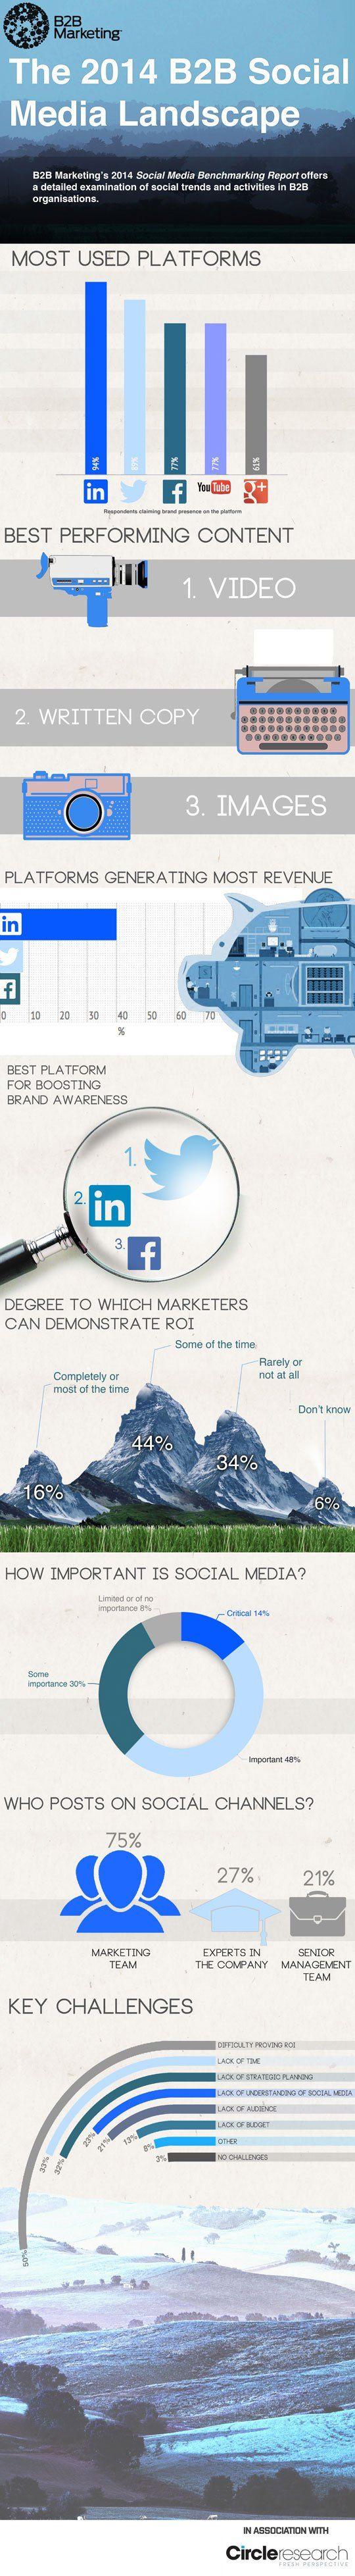 The 2014 B2B Social Media Landscape #infografia #infographic #socialmedia